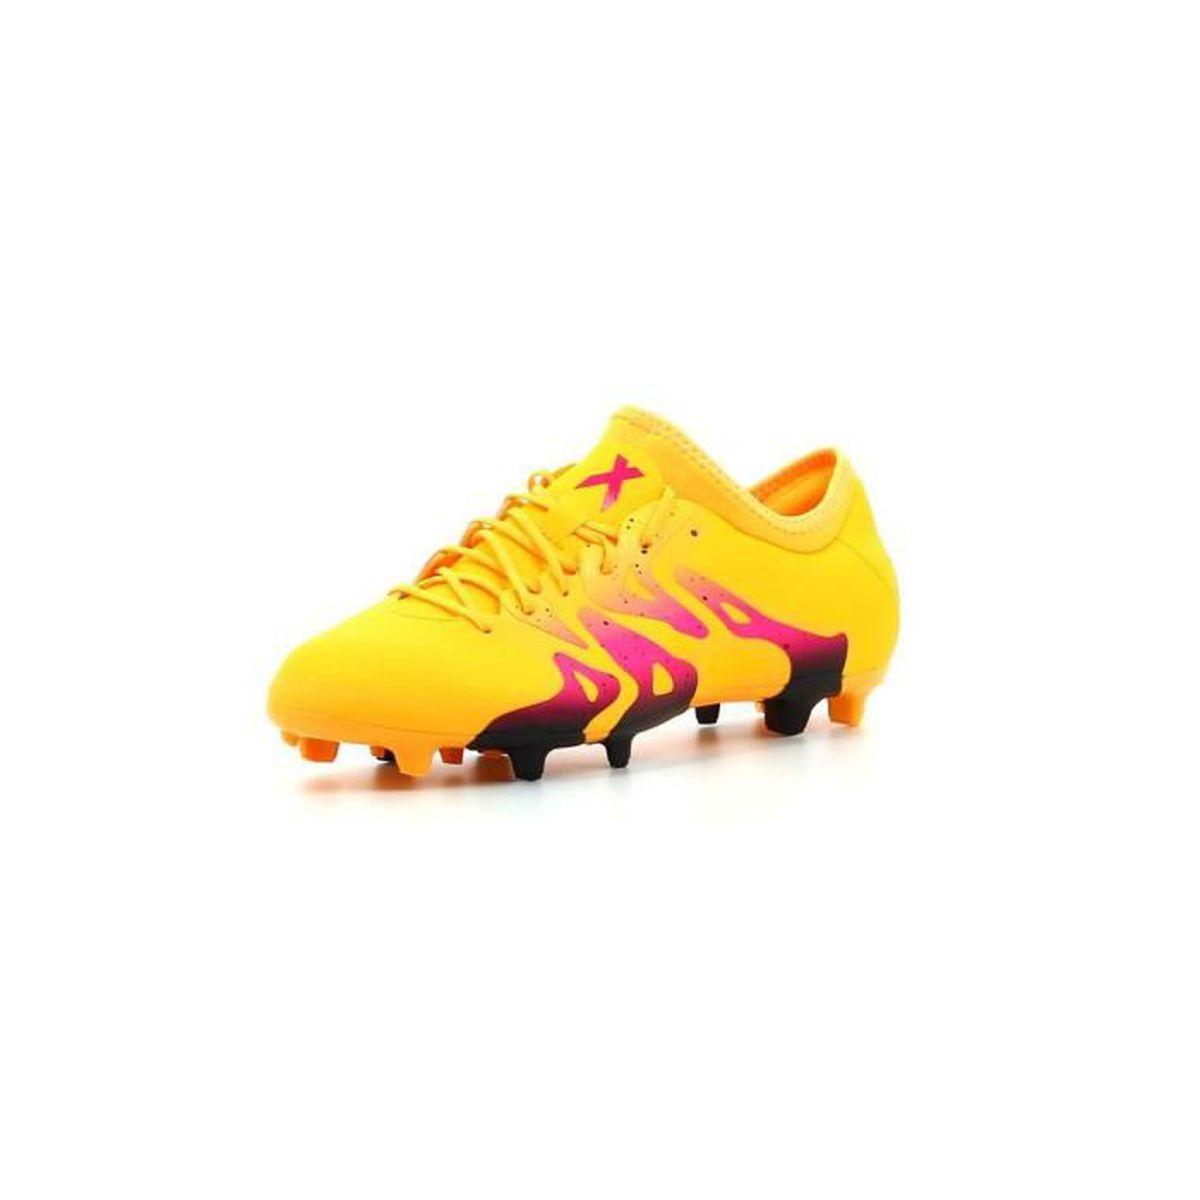 chaussure de foot adidas 15.2